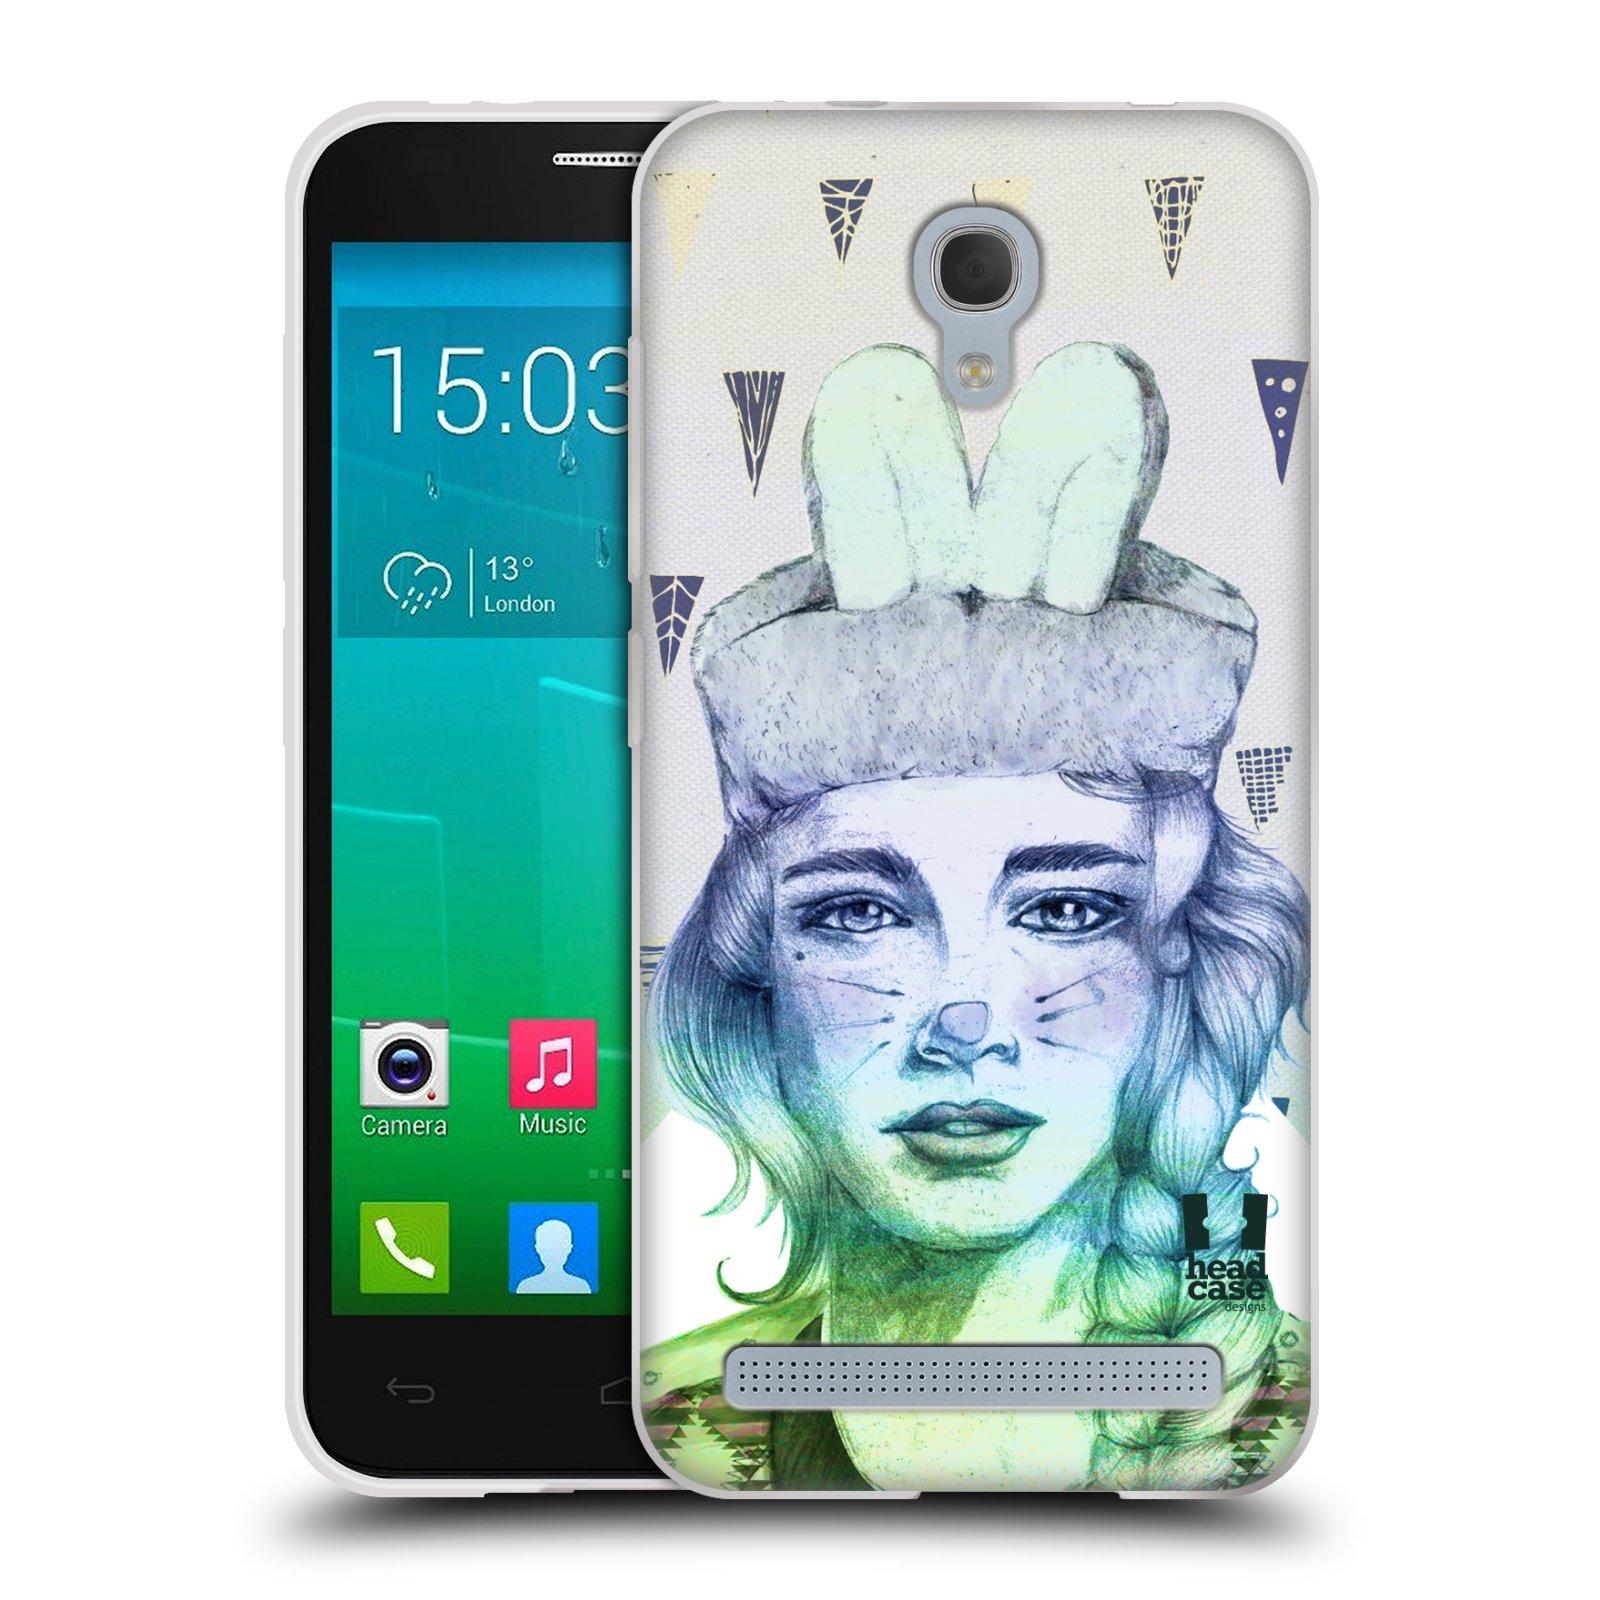 HEAD CASE silikonový obal na mobil Alcatel Idol 2 MINI S 6036Y vzor Děvče zvířecí tématika zajíček triangl